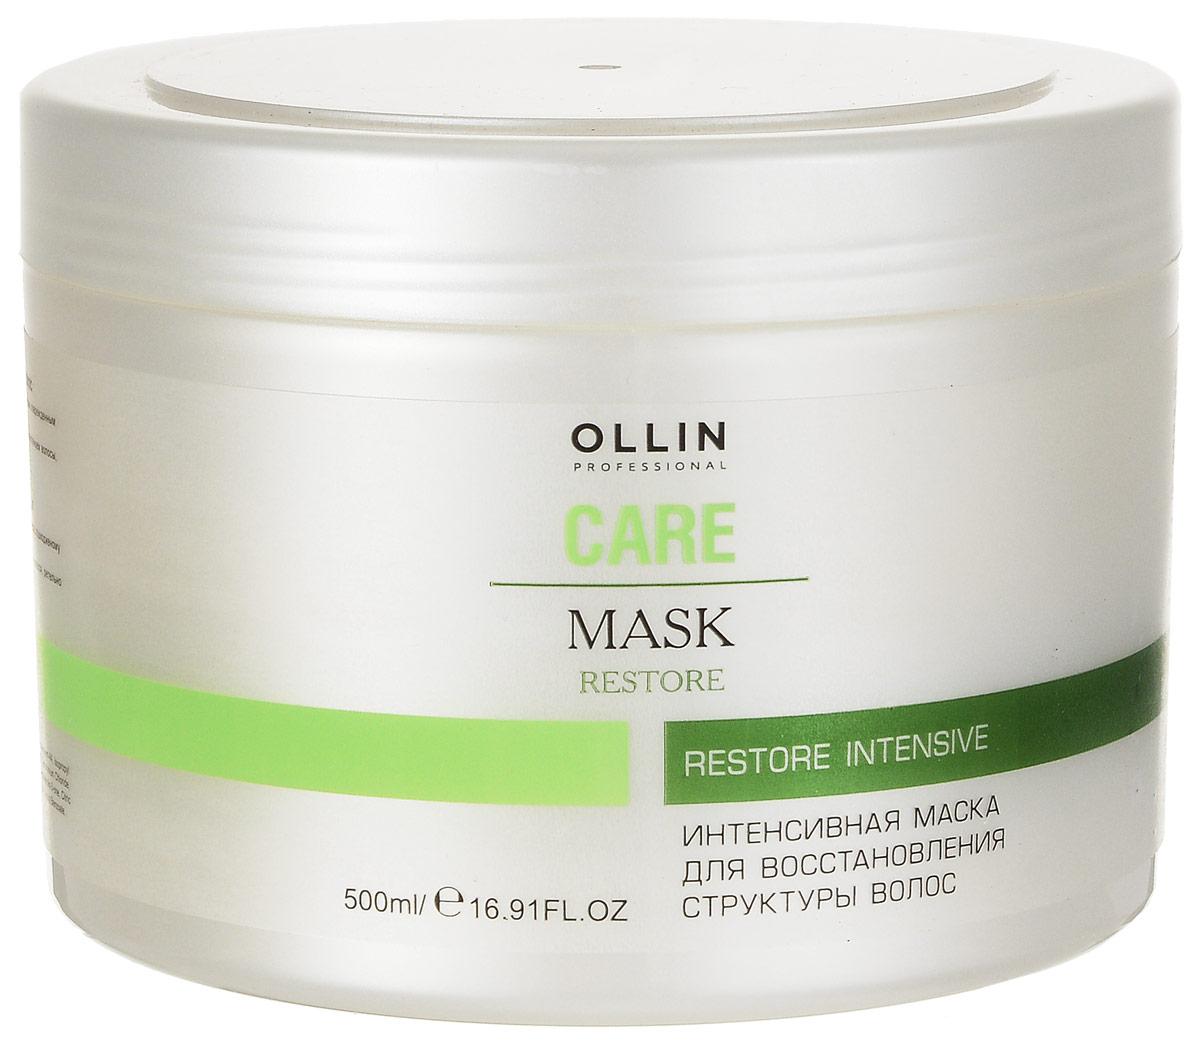 Ollin Интенсивная маска для восстановления структуры волос Care Restore Intensive Mask 500 млHS-81425727Интенсивная маска для восстановления структуры волос Ollin Care Restore Intensive Mask. Потрясающая по эффекту, восстанавливающая маска Ollin для сухих, осветлённых, обесцвеченных, химически завитых и уставших волос, утративших жизненную силу. Питает волосы кератиновым протеином. Возвращает блеск и здоровый вид тусклым волосам, повреждённым химическими процедурами. Действие маски Ollin restore intensive mask основано на силе активных компонентов и растительных экстрактов: Витаминный комплекс из 11 экстрактов растений обеспечивает максимальный уход, восстанавливает волосы изнутри и одновременно защищает от агрессивного воздействия окружающей среды. Масло миндаля увлажняет, питает, смягчает, кондиционирует и разглаживает поверхность волоса. Результат: мягкие, блестящие и послушные волосы. Минеральные вещества заново выстраивают разрушенную структуру волоса.